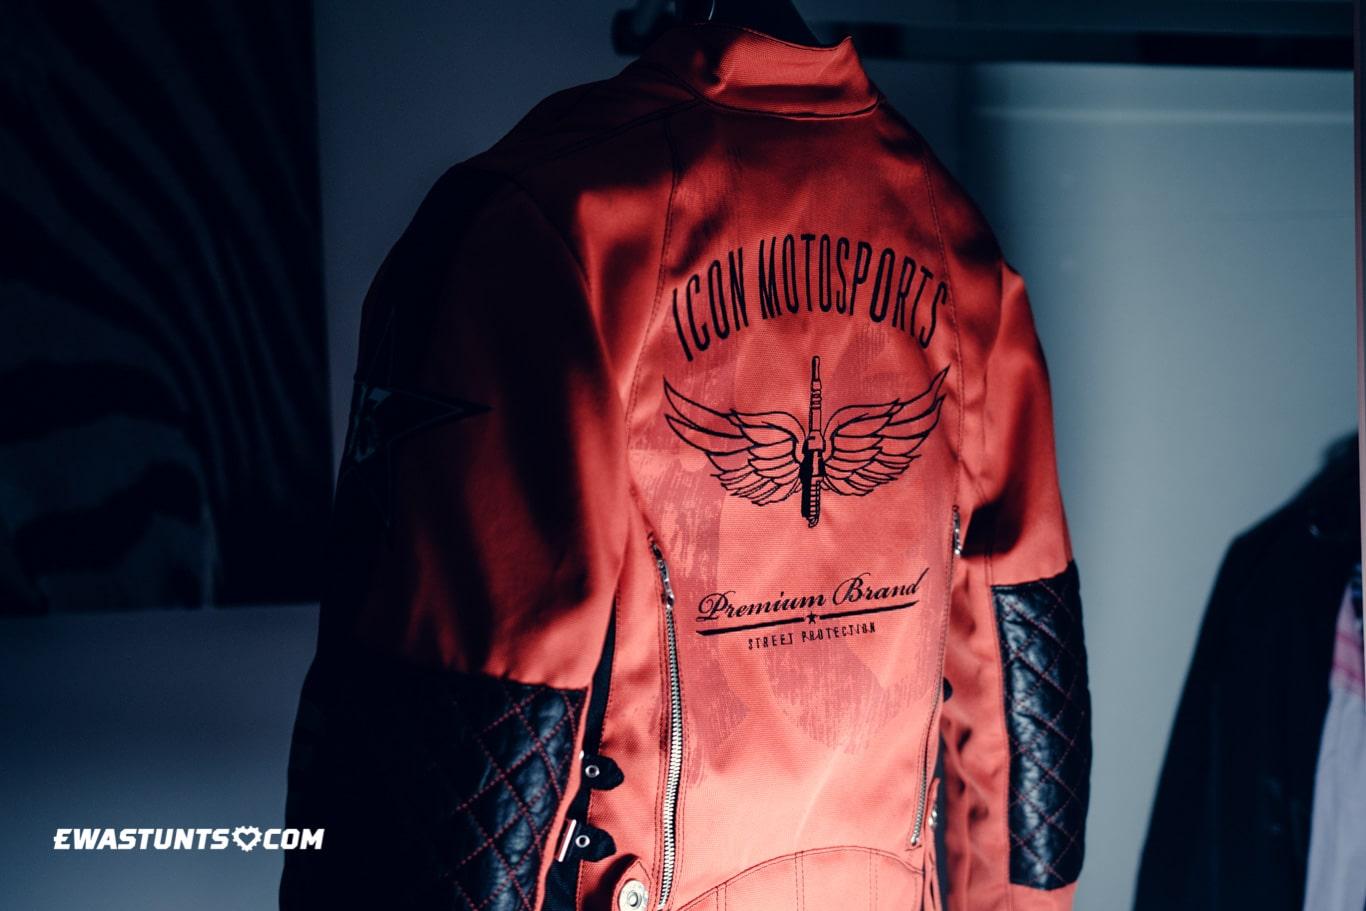 ewastunts_icon_jacket-15